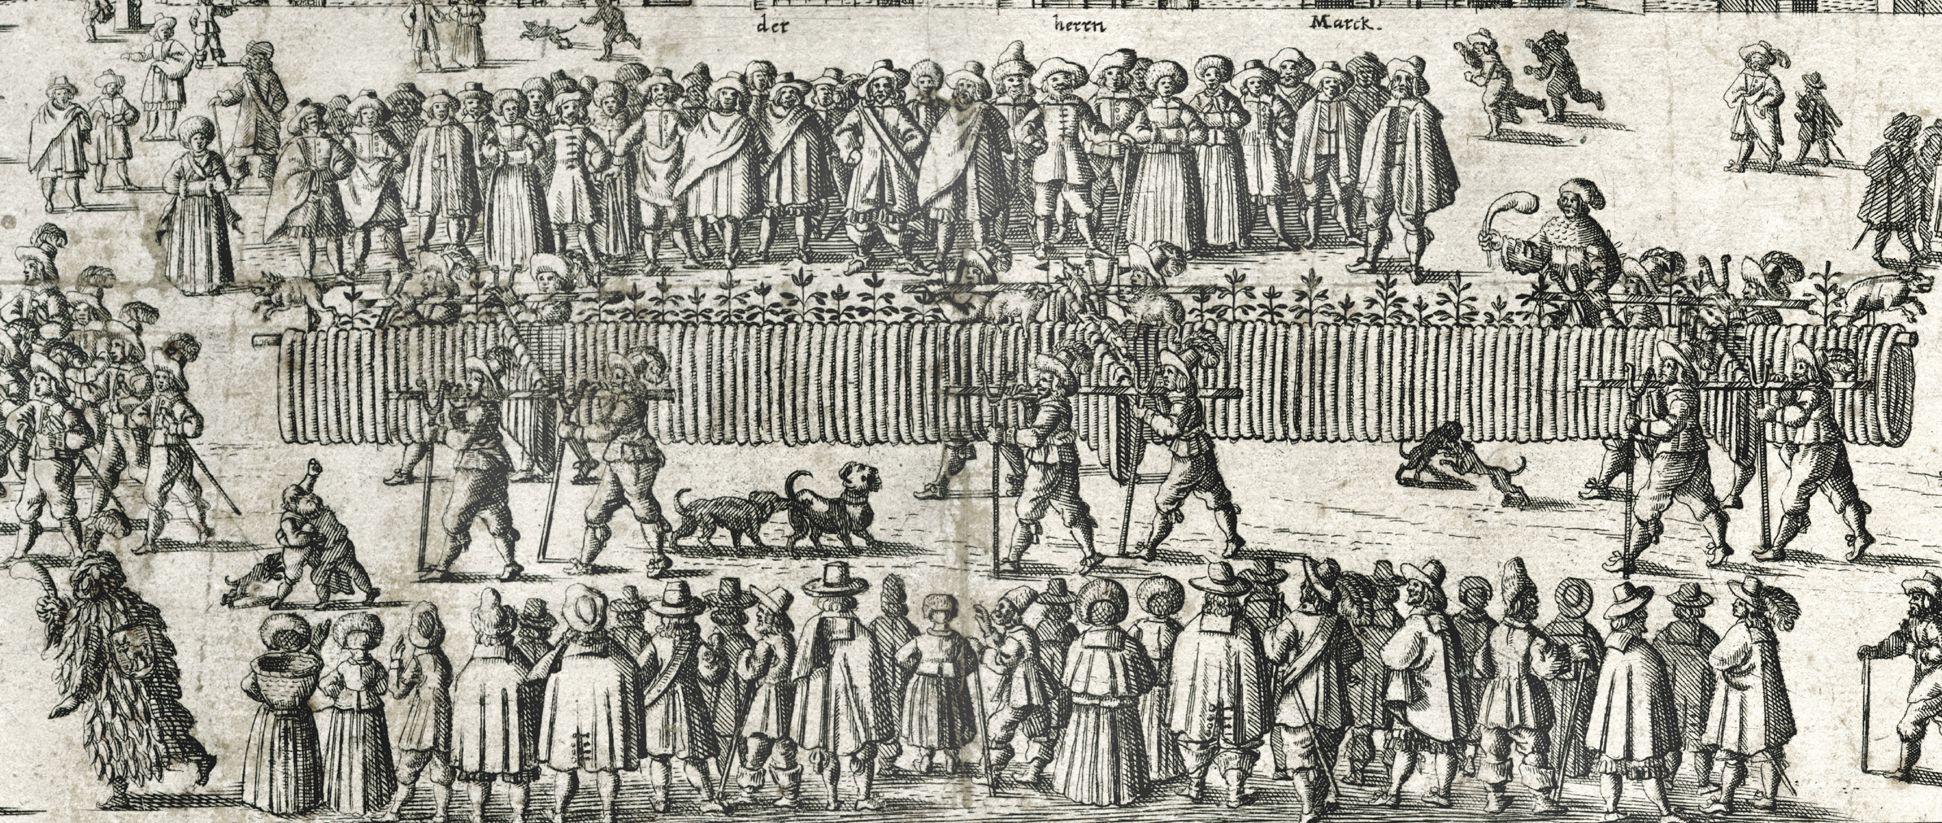 """Nürnberger Bratwurst: """"Aigentliche Abbiltung der langen bratwurst,...."""" Die Wurst wird von 12 Männern getragen"""